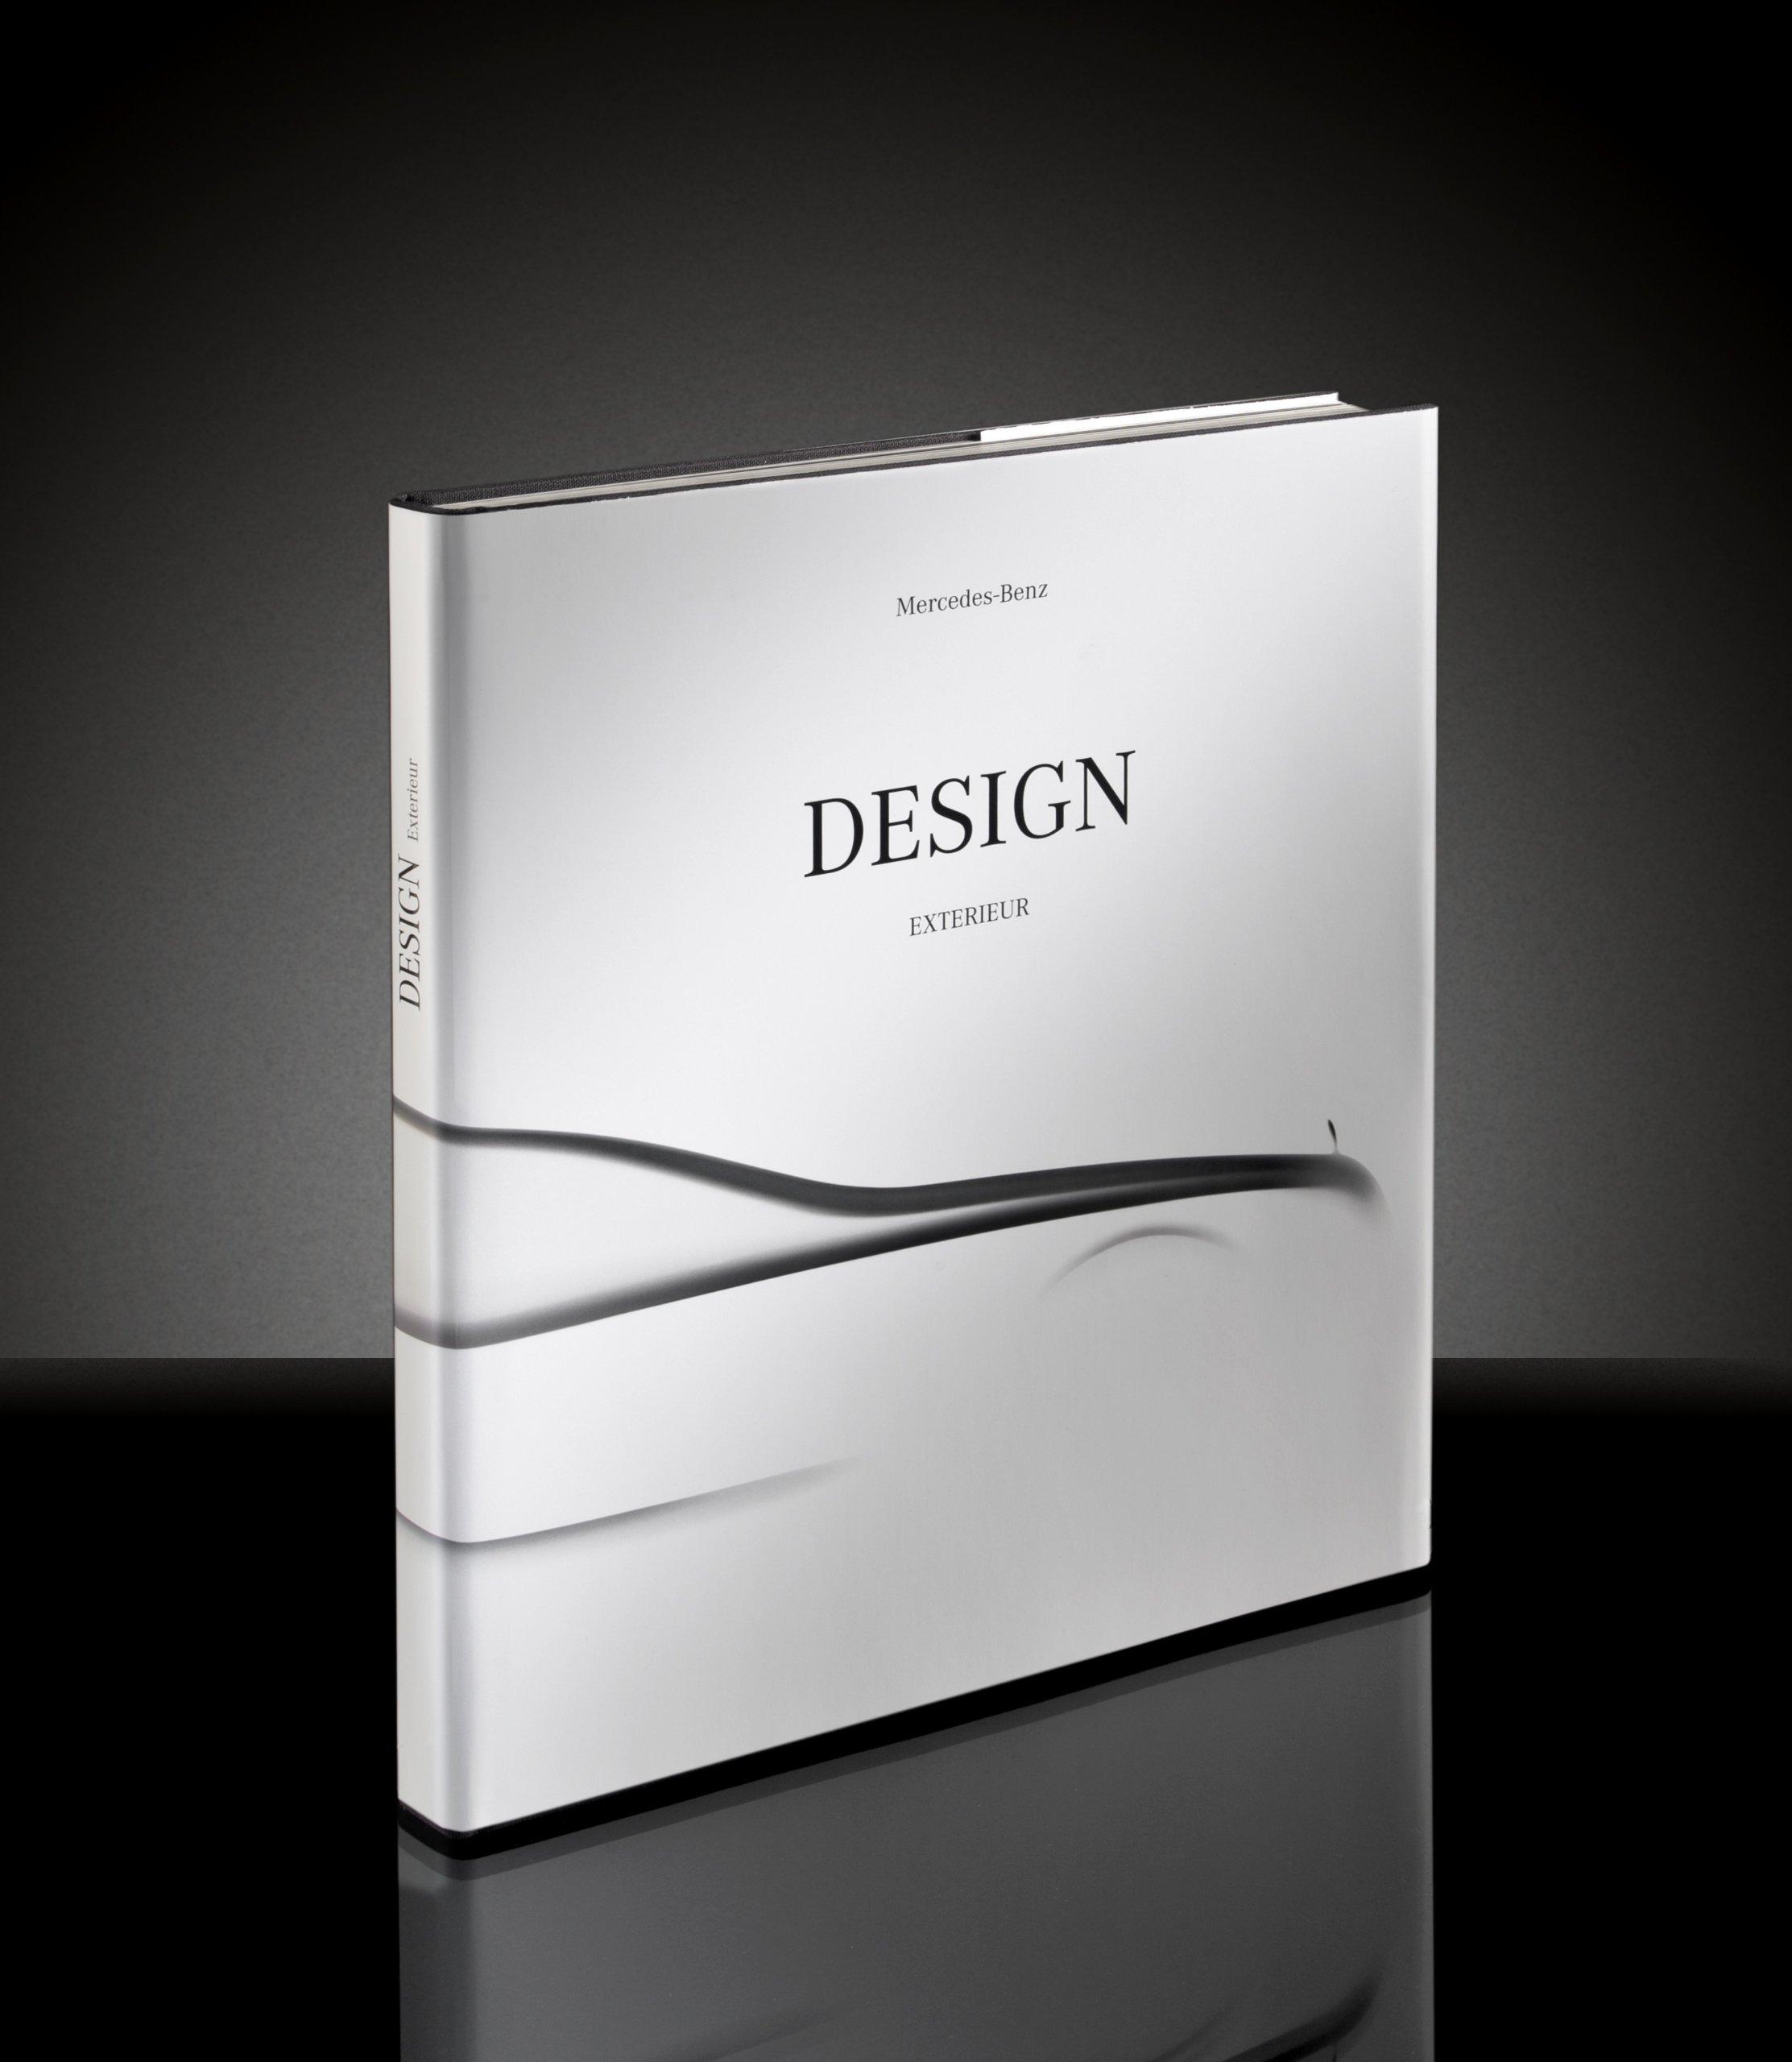 Mercedes-Benz DESIGN Exterieur: Amazon.de: Christof Vieweg, Harry ...